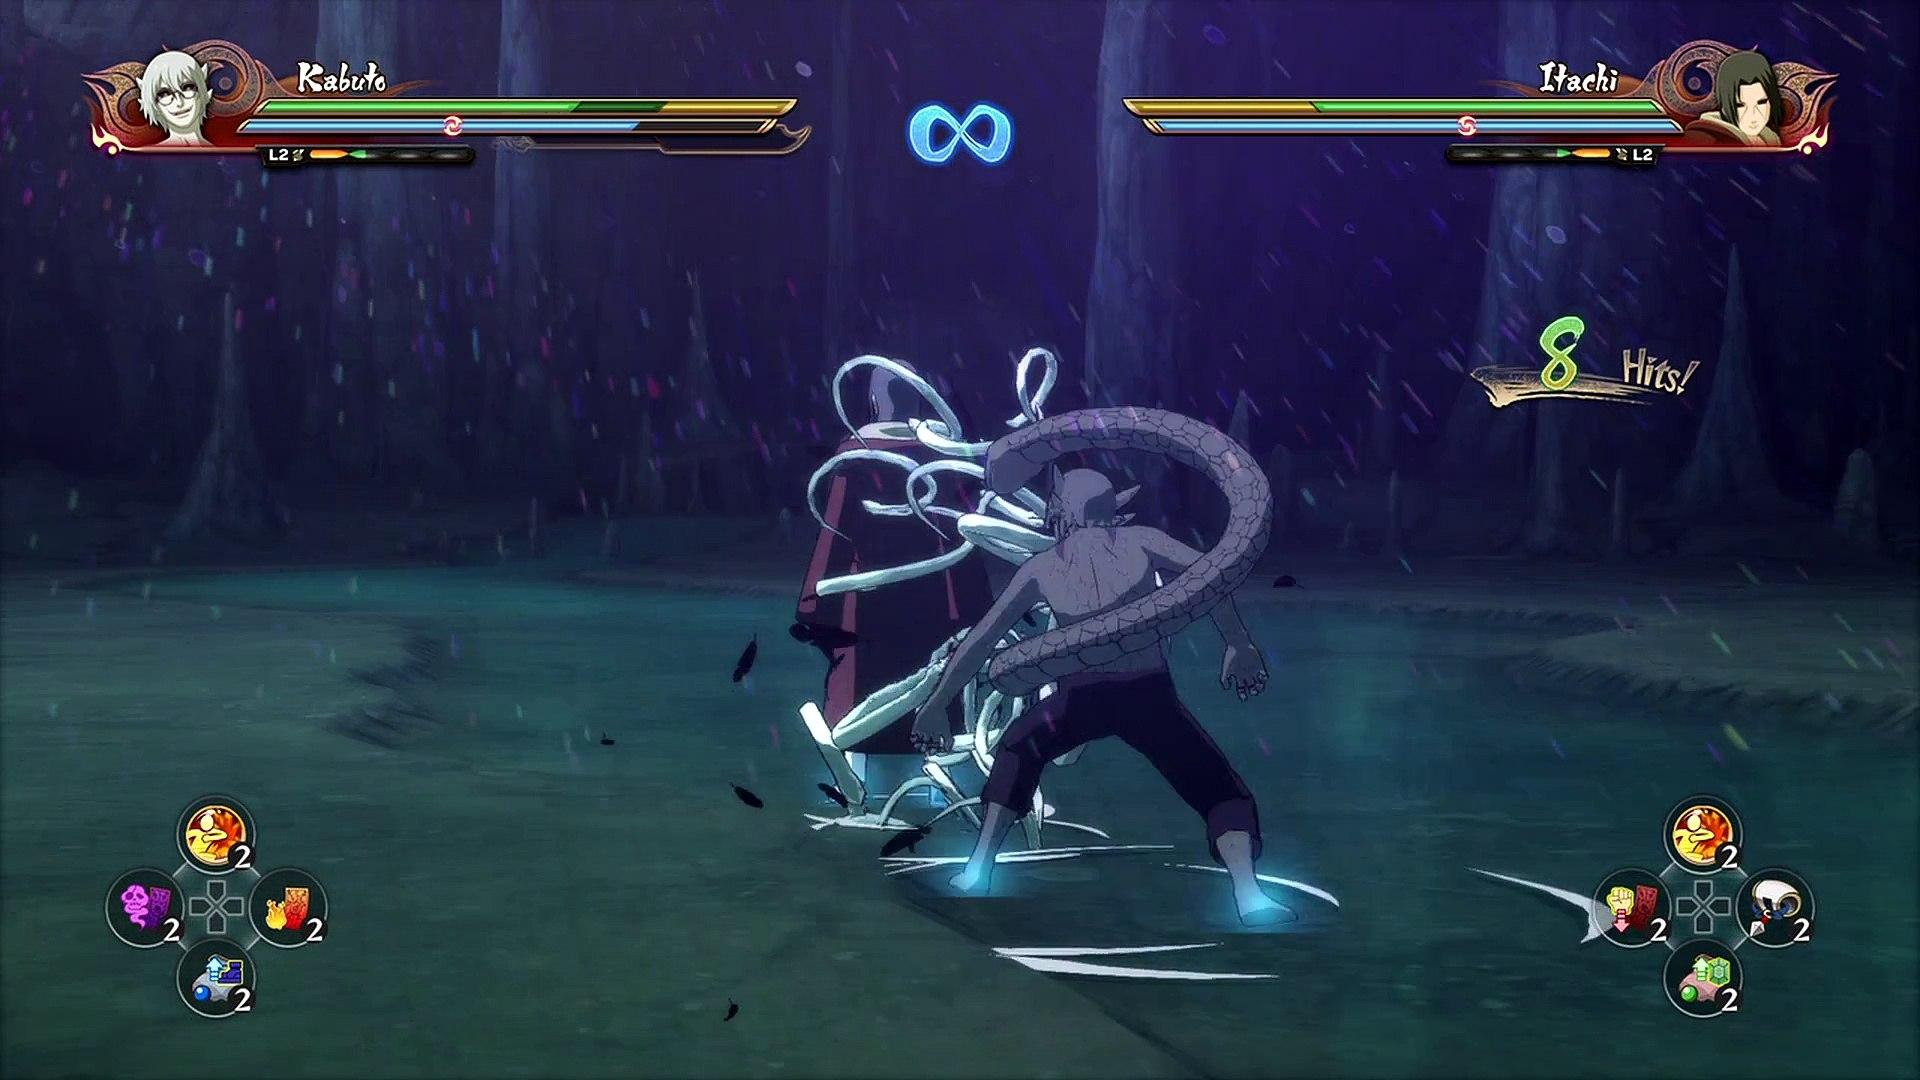 Naruto Shippuden Ultimate Ninja Storm 4 {PS4} part 24 — The Man Named Kabuto